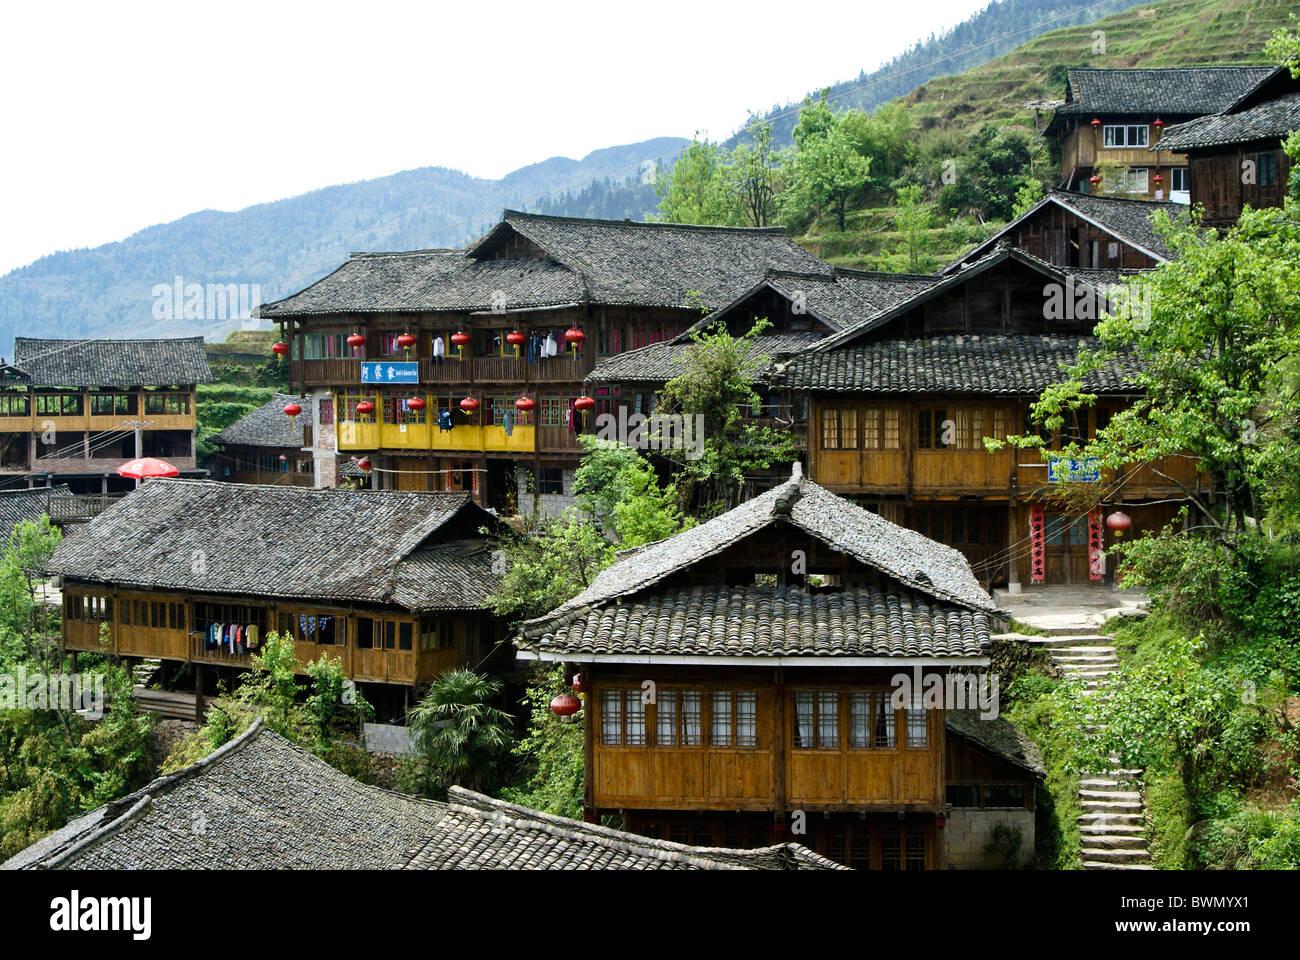 Yao village de Ping'An, Guangxi, Chine Photo Stock